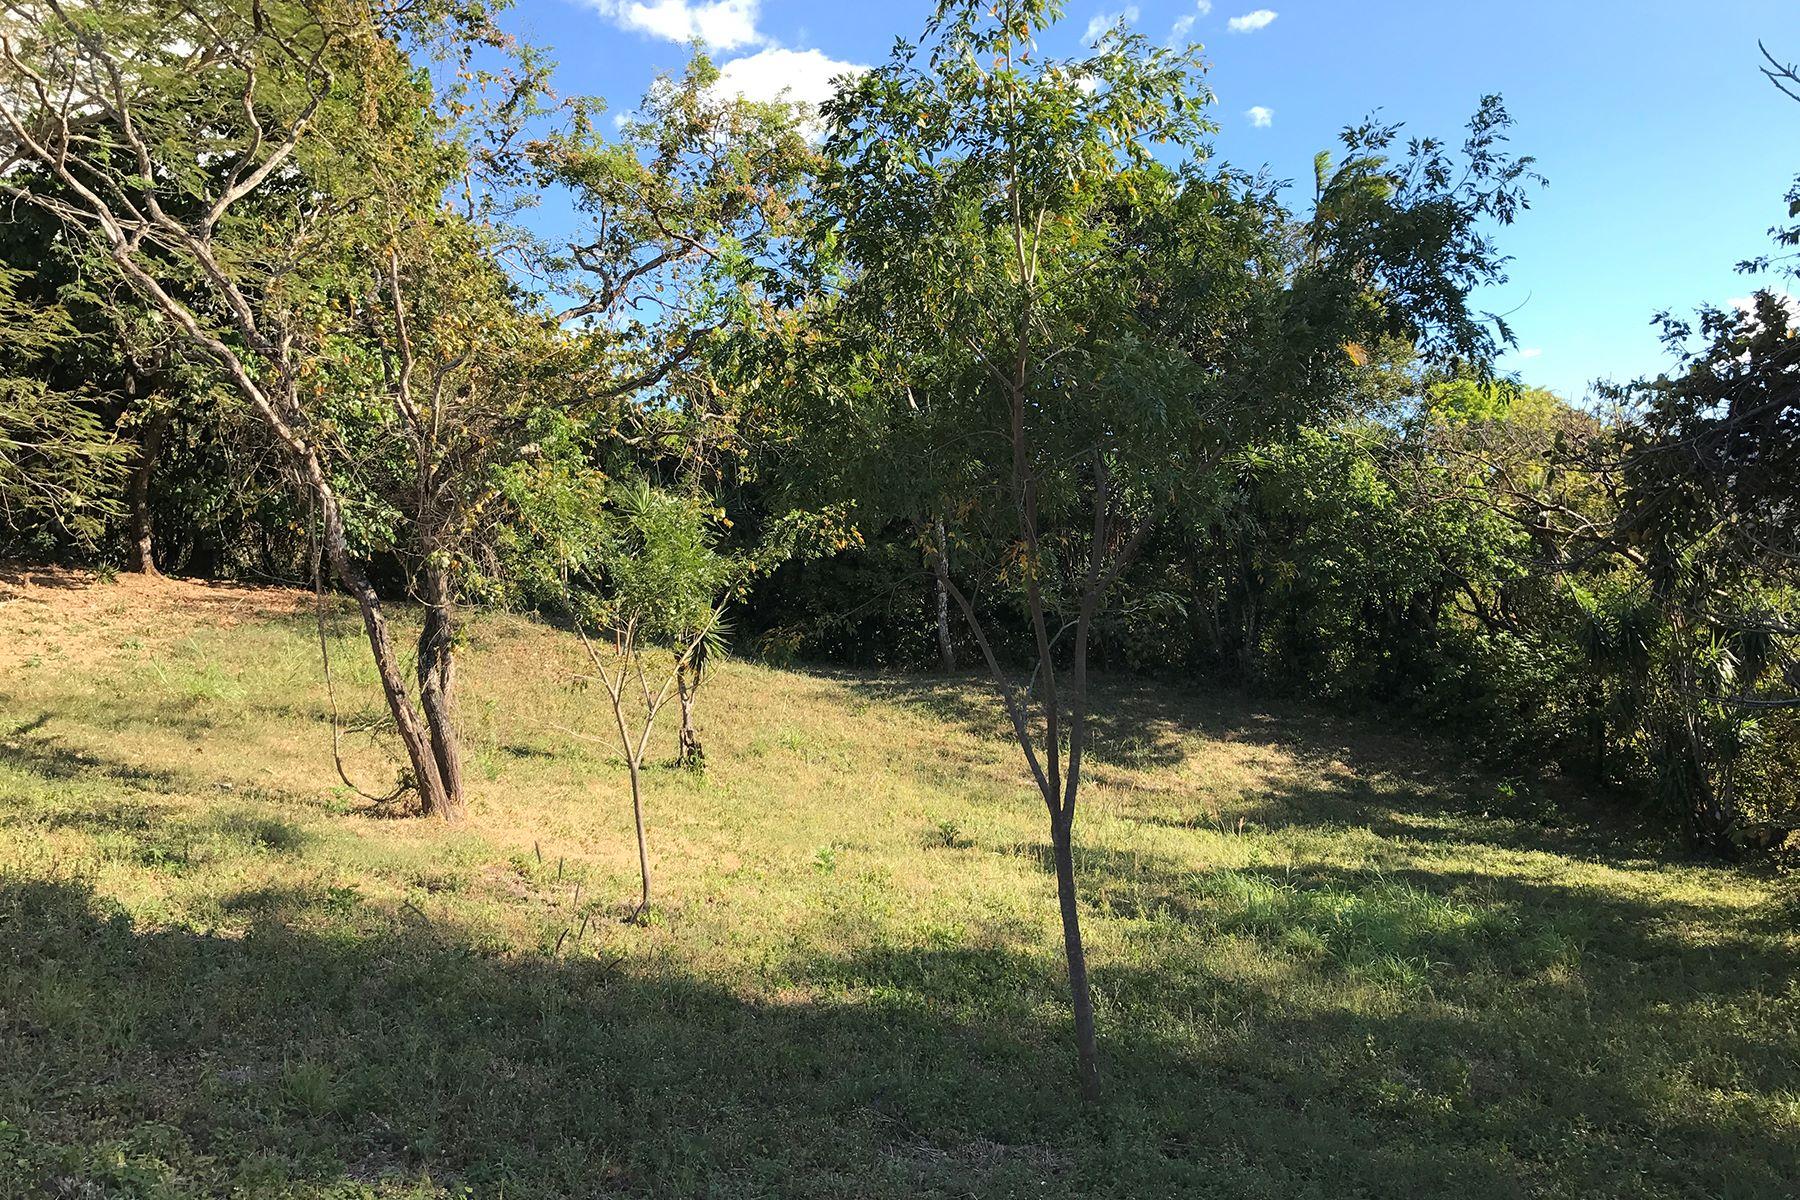 Land for Sale at Lote Brasil de Mora Santa Ana, Costa Rica